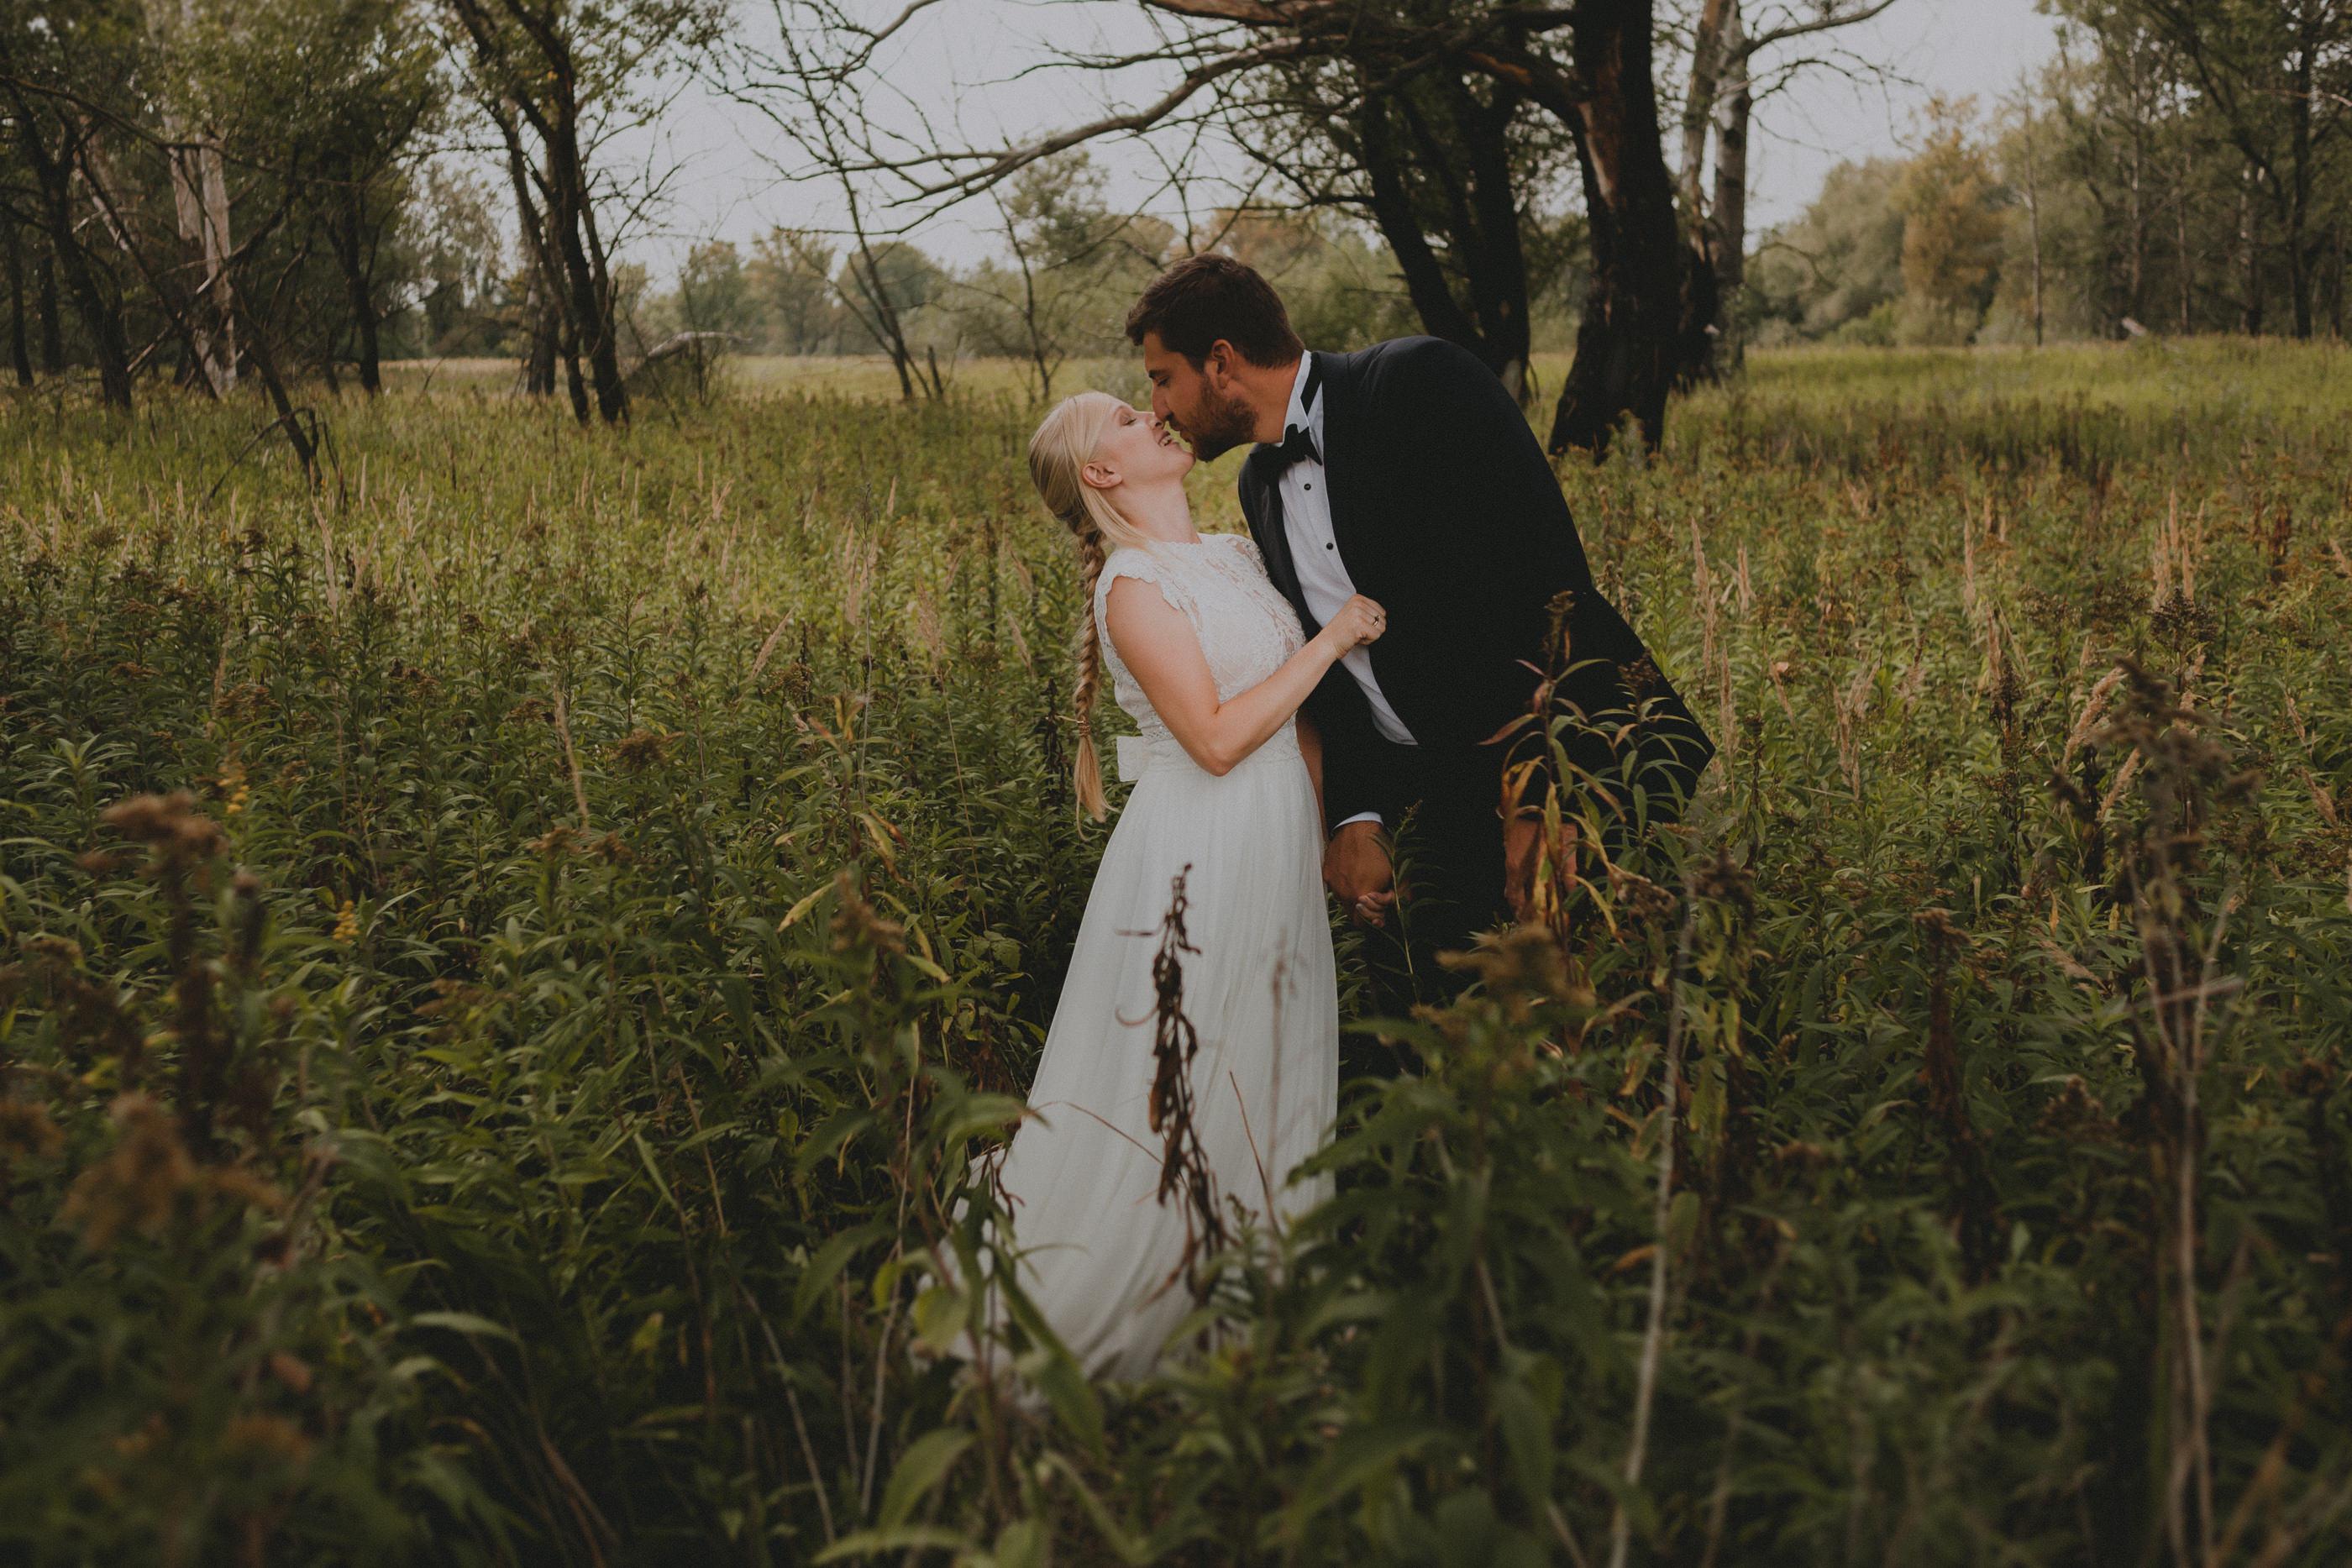 czułe zdjęcia poślubne